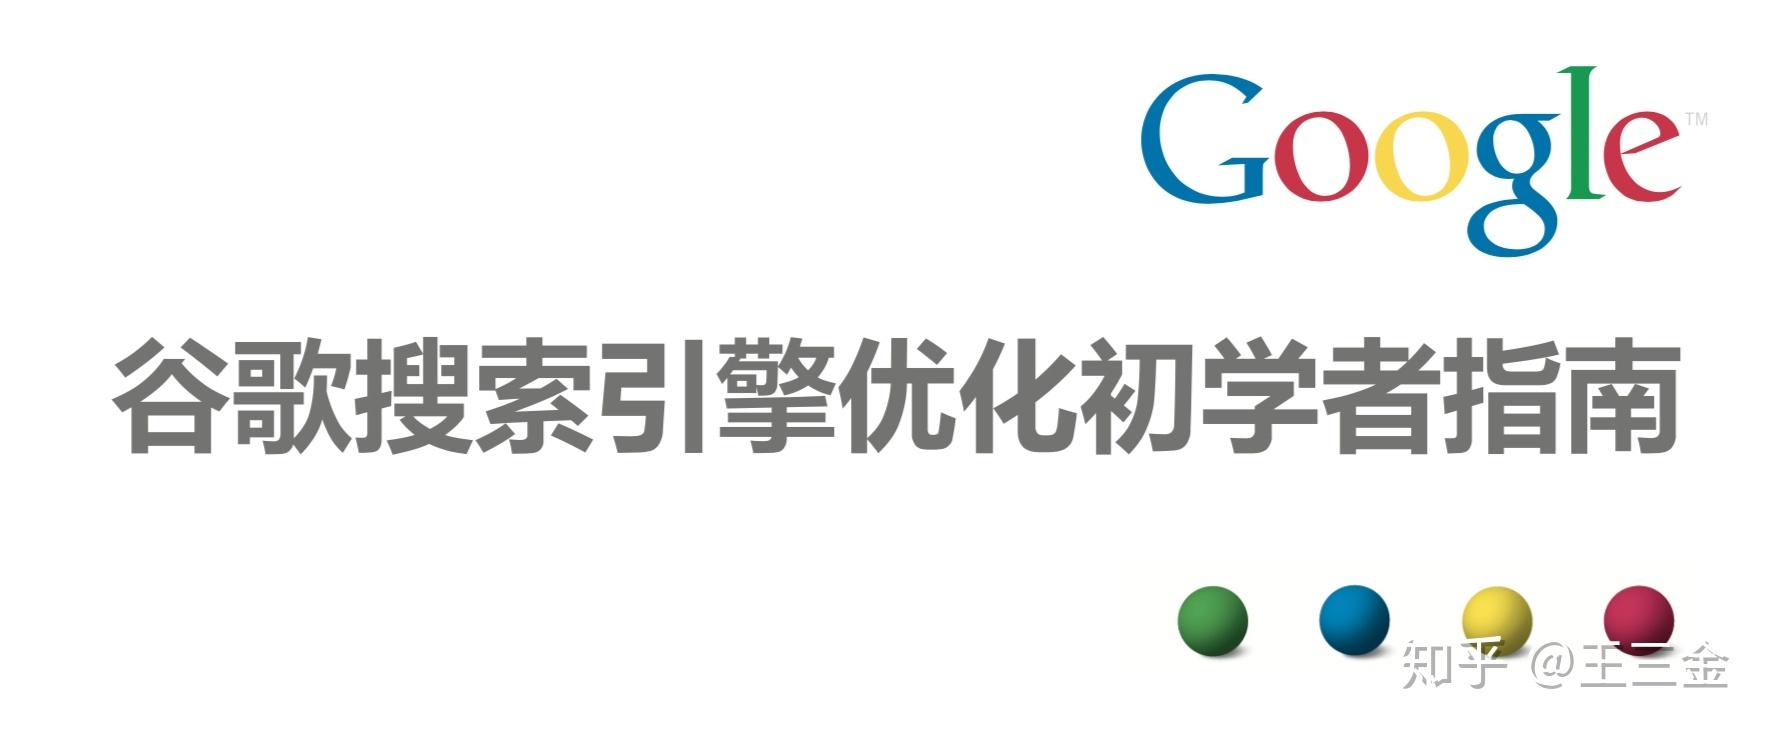 谷歌外贸推广怎么做_外贸网站做推广_做谷歌推广